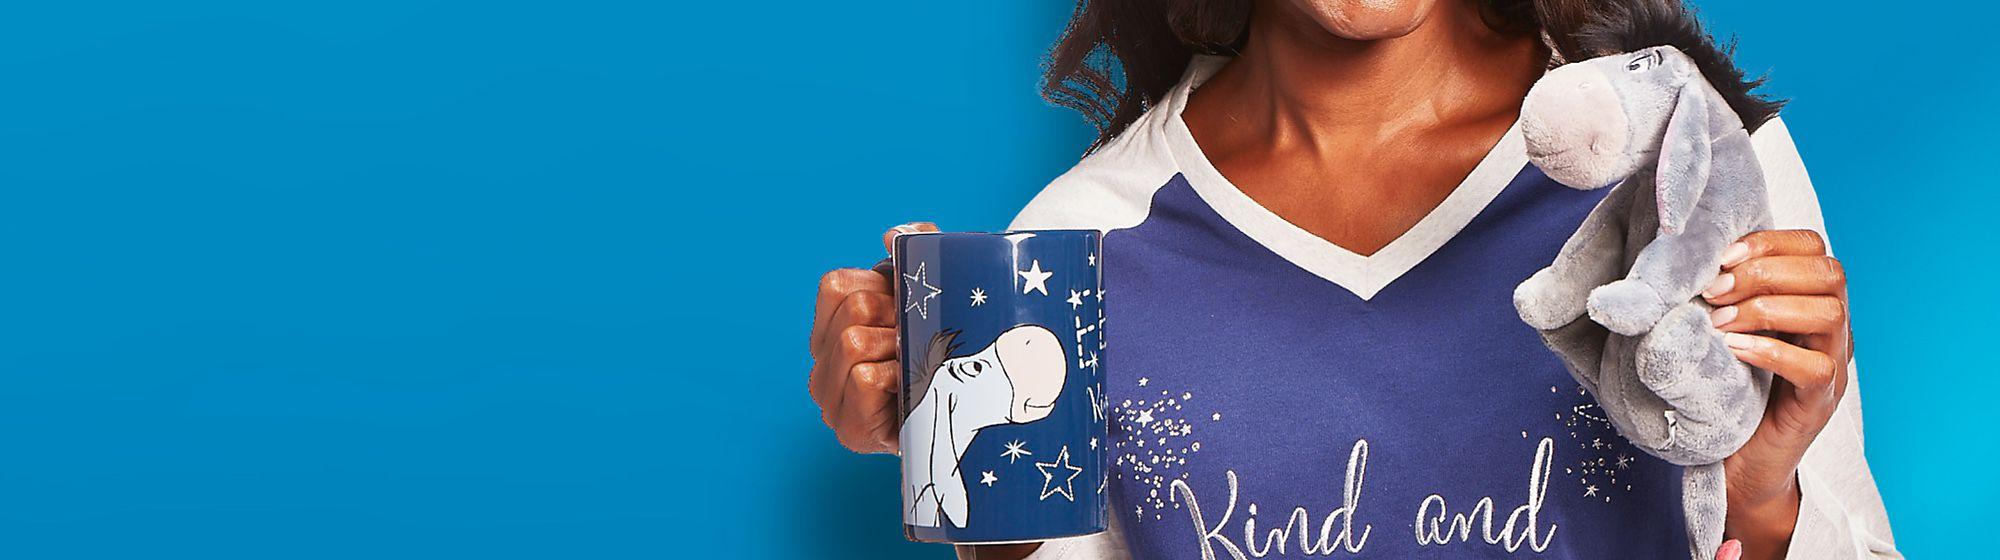 C'est l'heure du thé ! Sélectionnez une tasse et une peluche sur cette page pour 15€